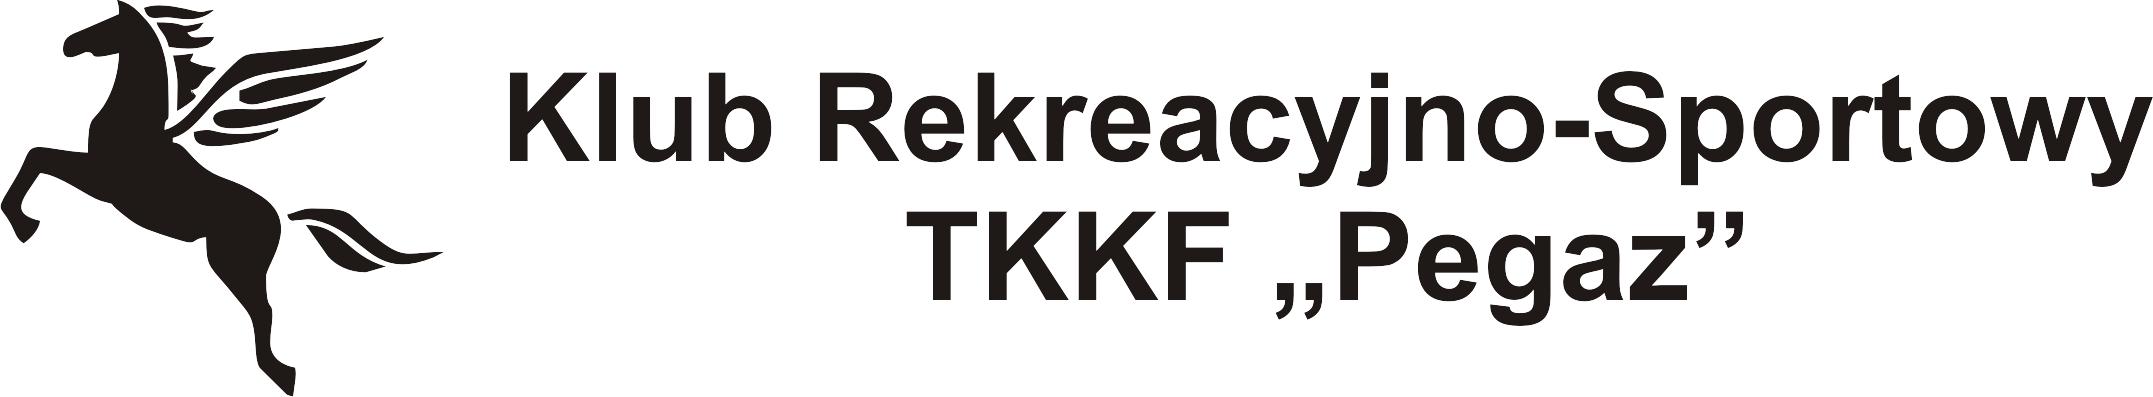 Klub Rekreacyjno-Sportowy TKKF Pegaz